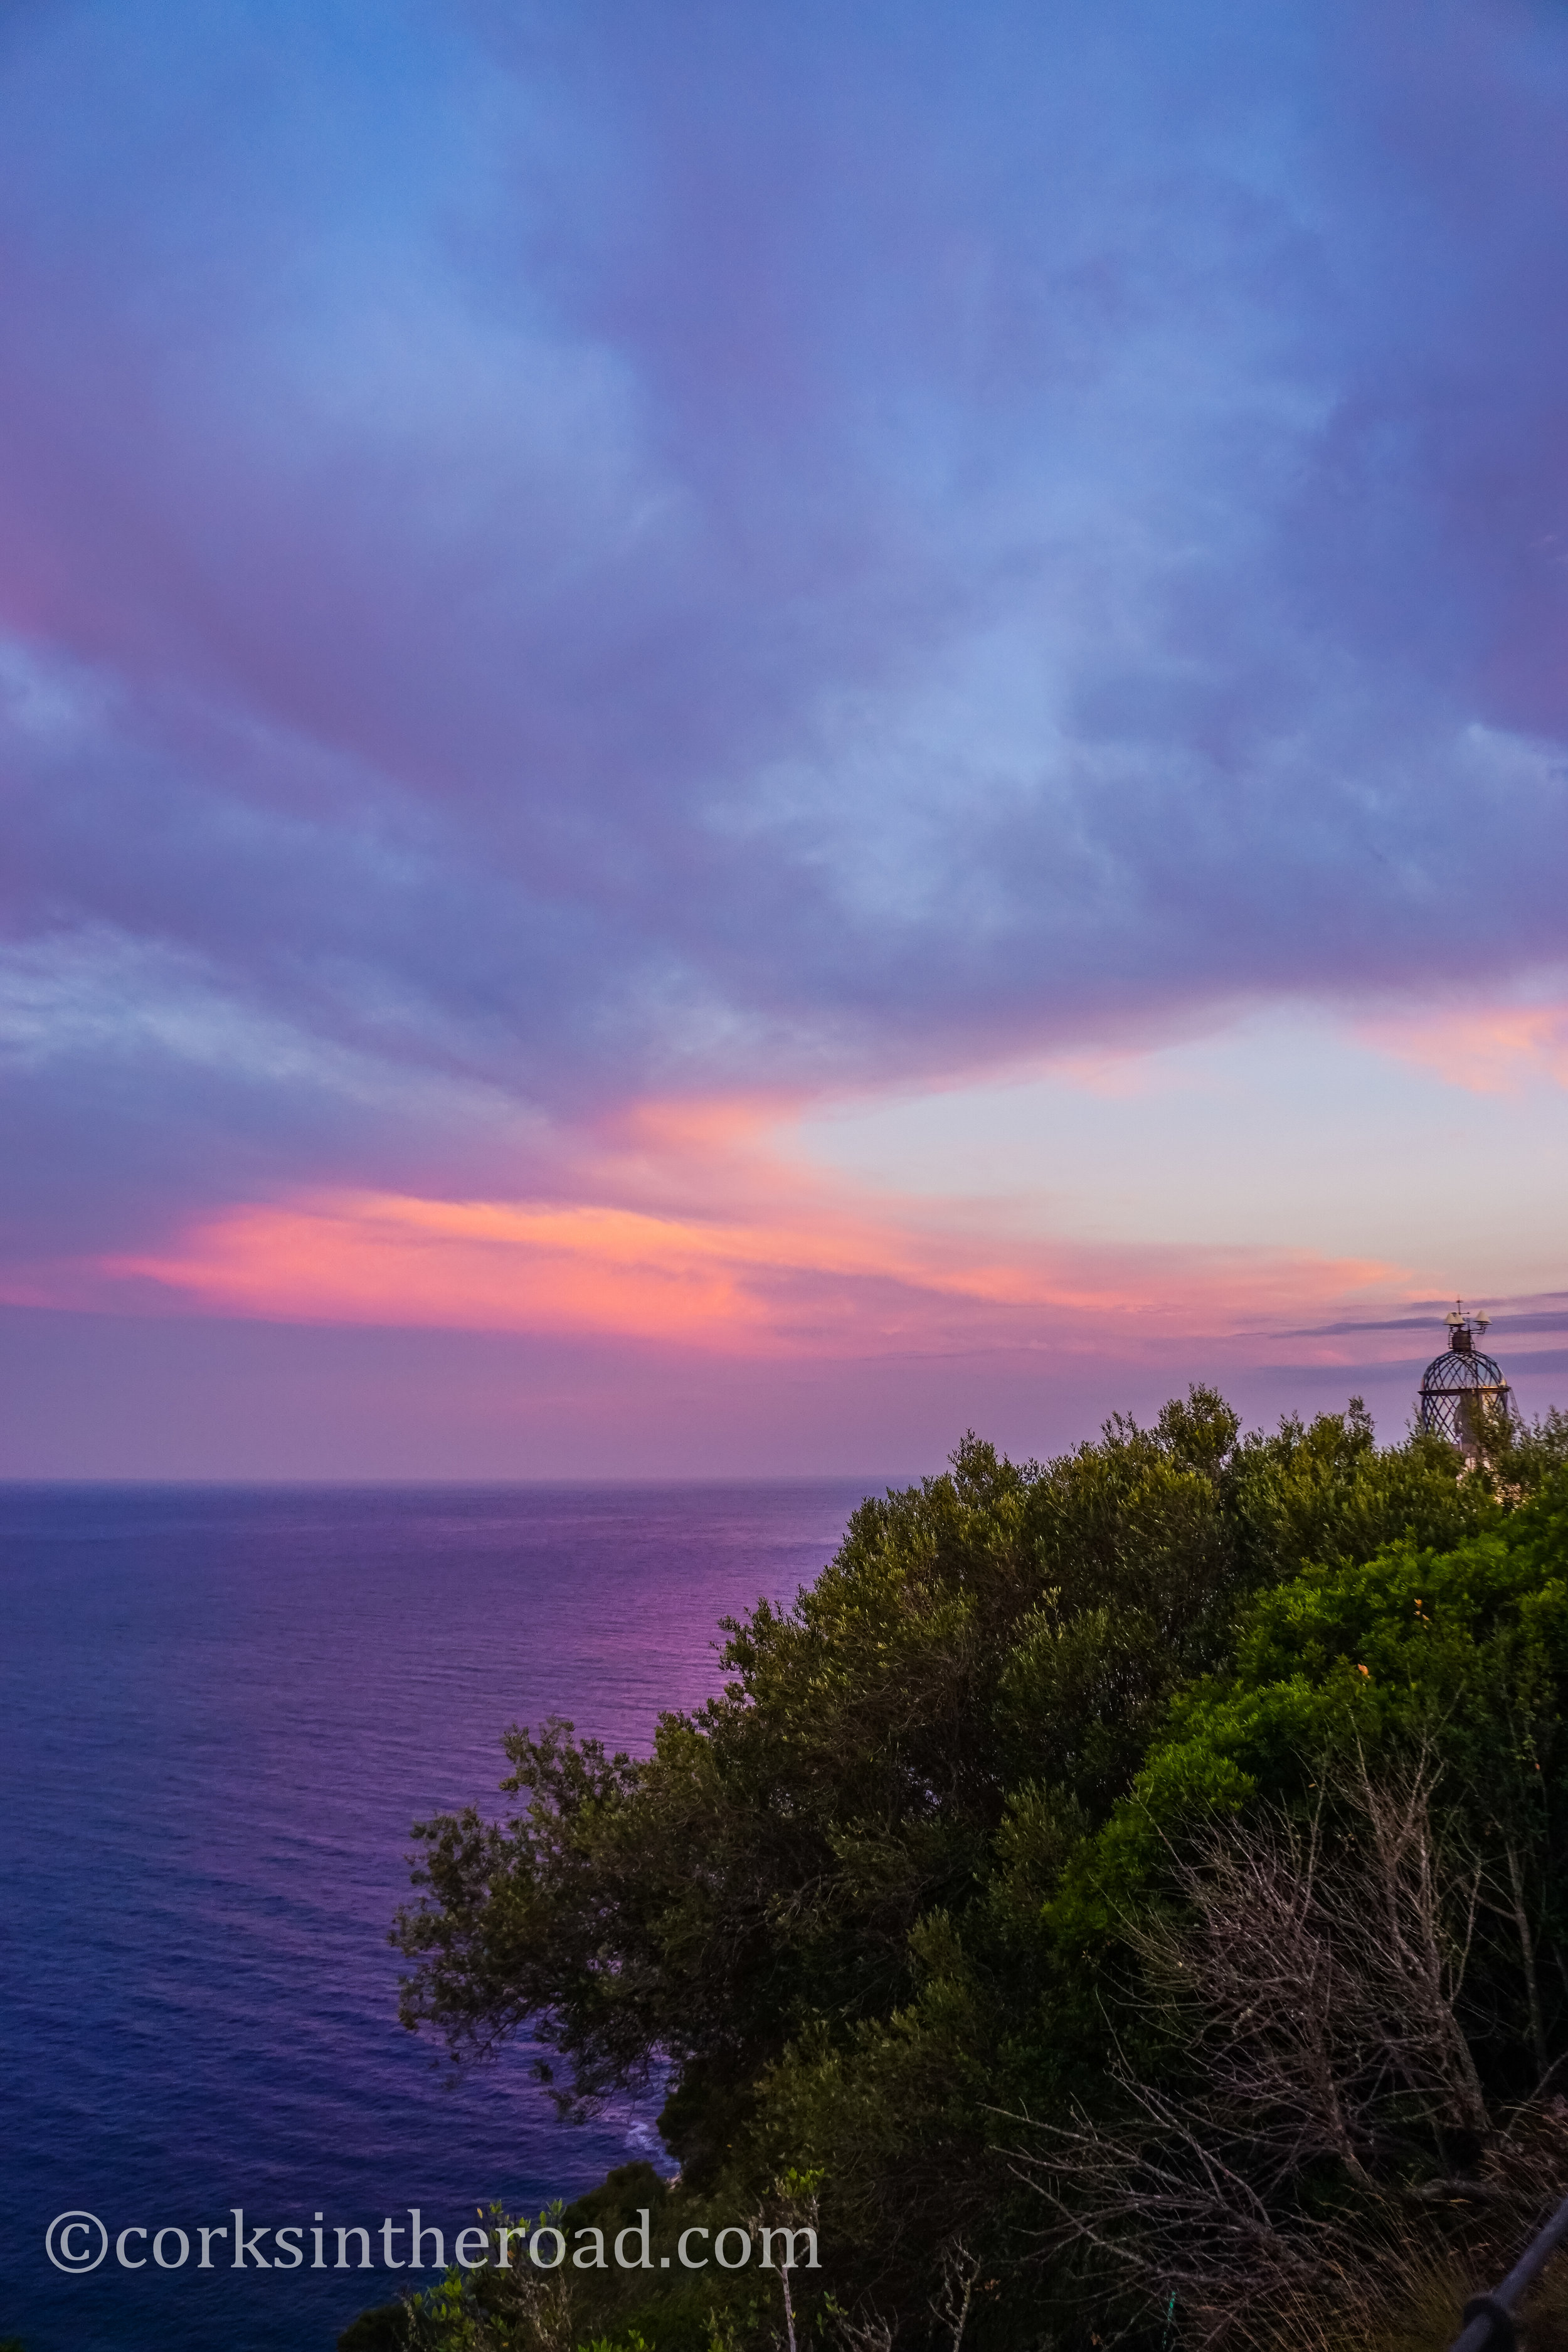 20160810Barcelona, Corksintheroad, Costa Brava, Costa Brava Landscape, Restaurant El Far, Sunsets-3.jpg